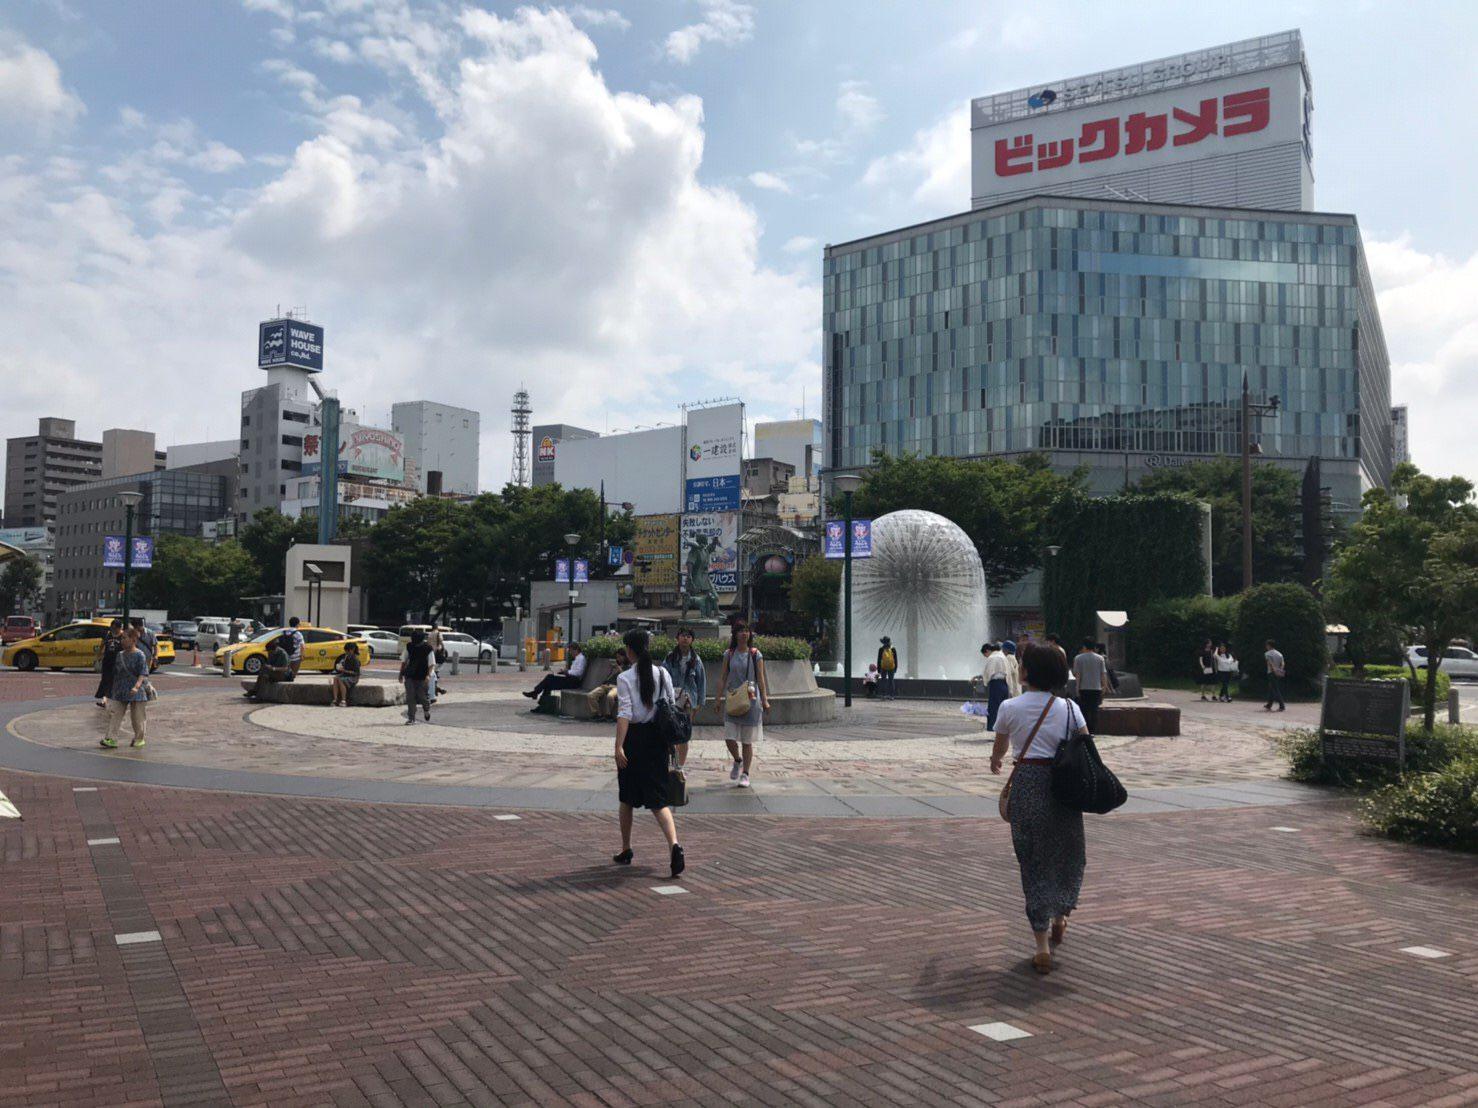 ビックカメラ沿いに桃太郎大通りを進んでいきます。